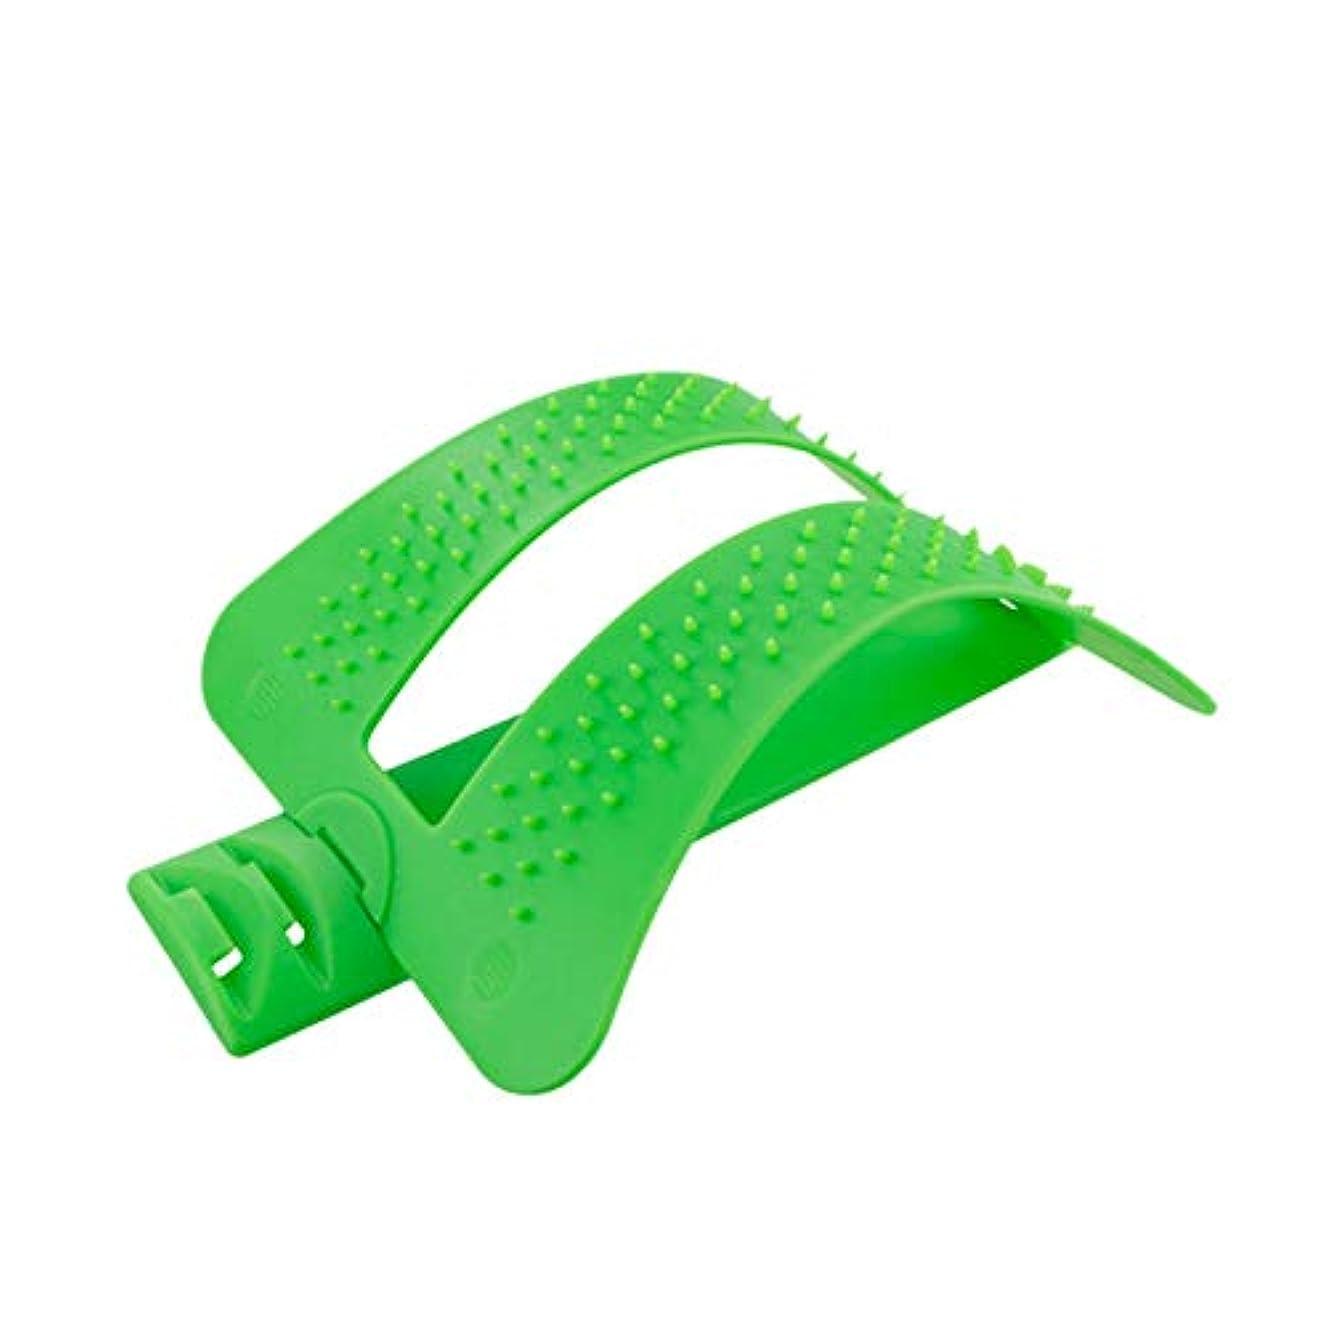 ショート強風災害ACAMPTAR 背中のマッサージストレッチング装置 背中のマッサージ 指圧ストレッチャーフィットネス機器 ストレッチリラックス メイトストレッチャー腰椎サポート 脊椎の痛みを和らげるカイロプラクティック(グリーン)